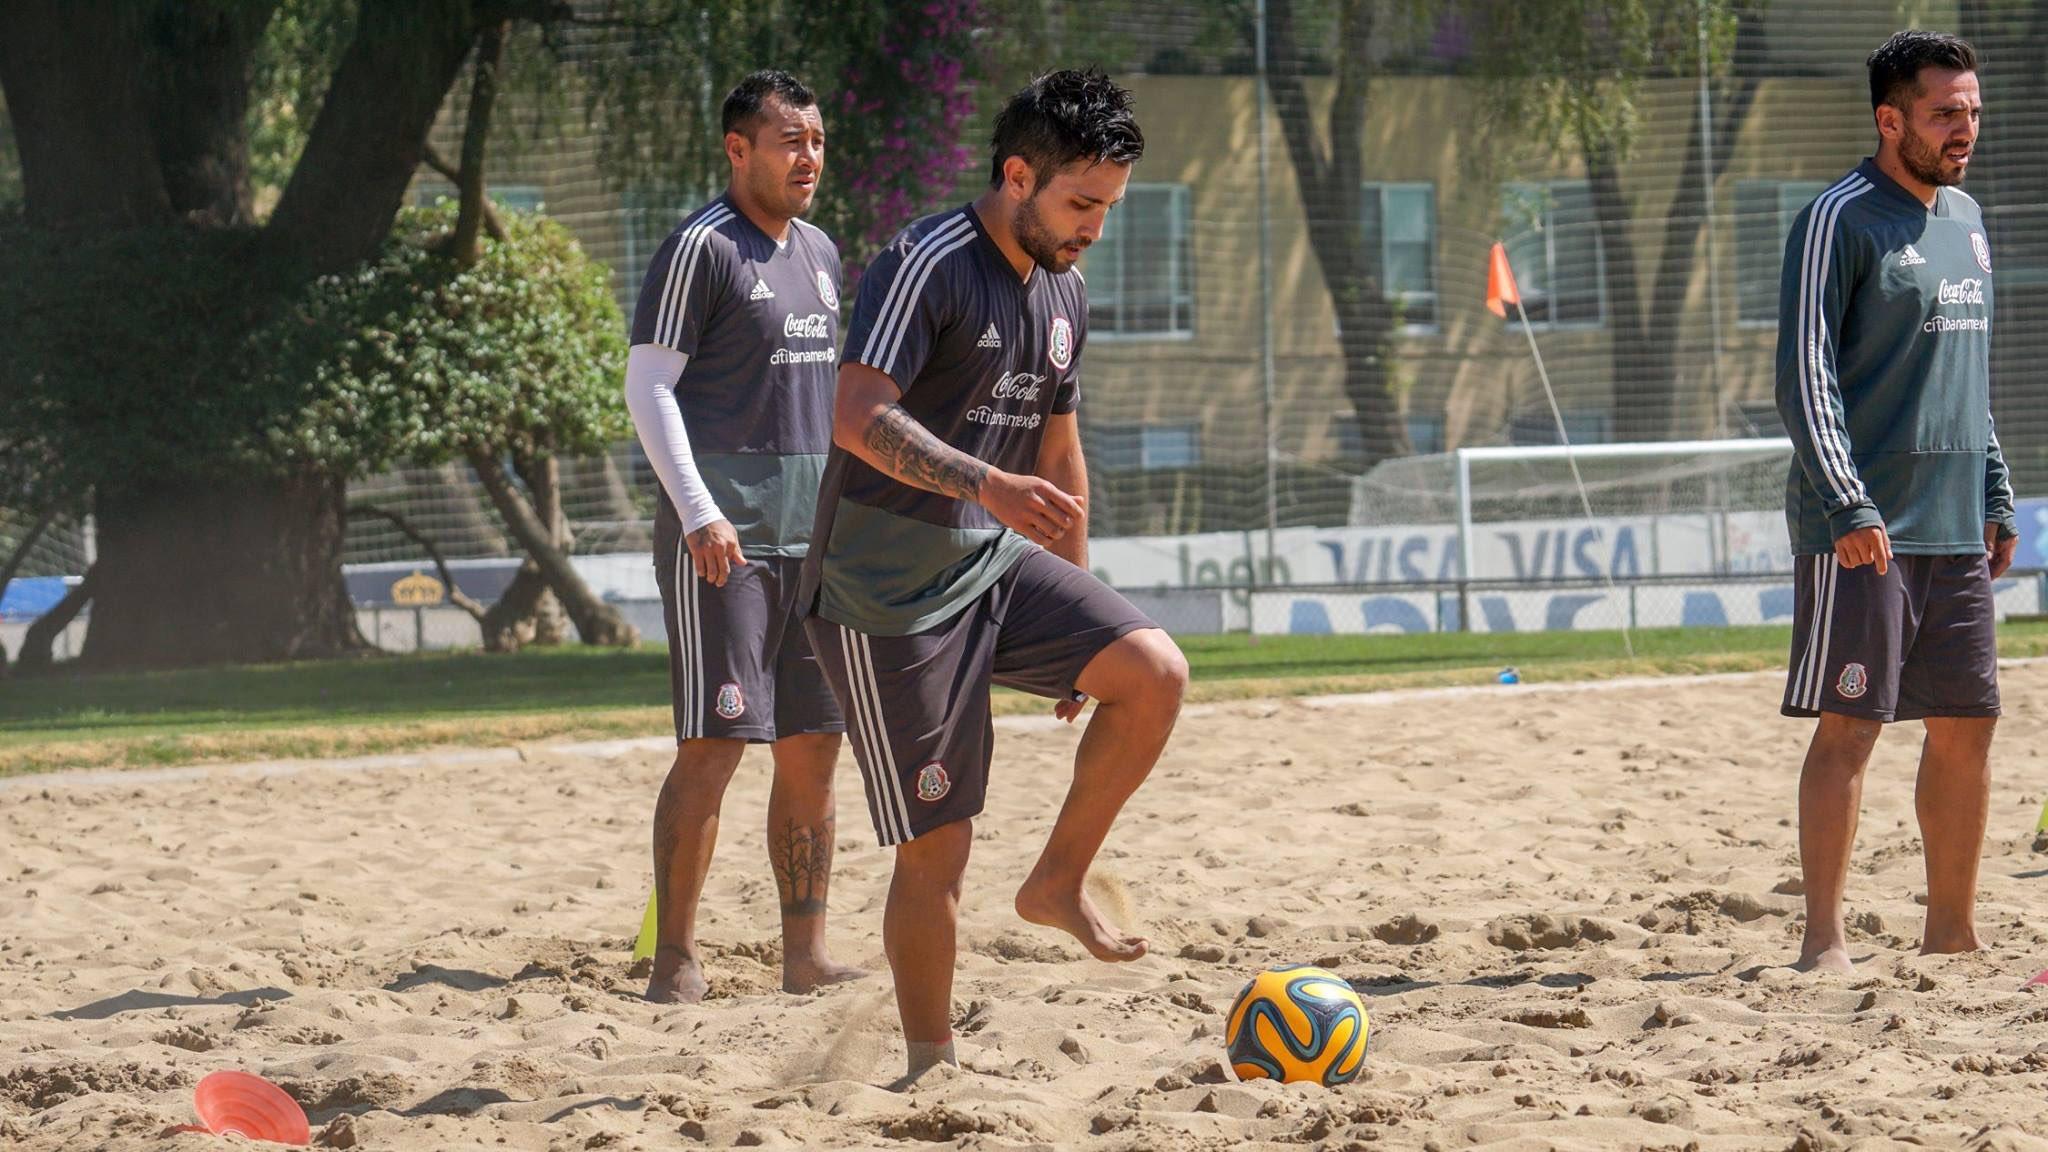 Mexico National Football Team: #Notituit | @CocaColaMx | #FutbolPlaya   Lunes lleno de fútbol en la arena. 🏖 😎 ...